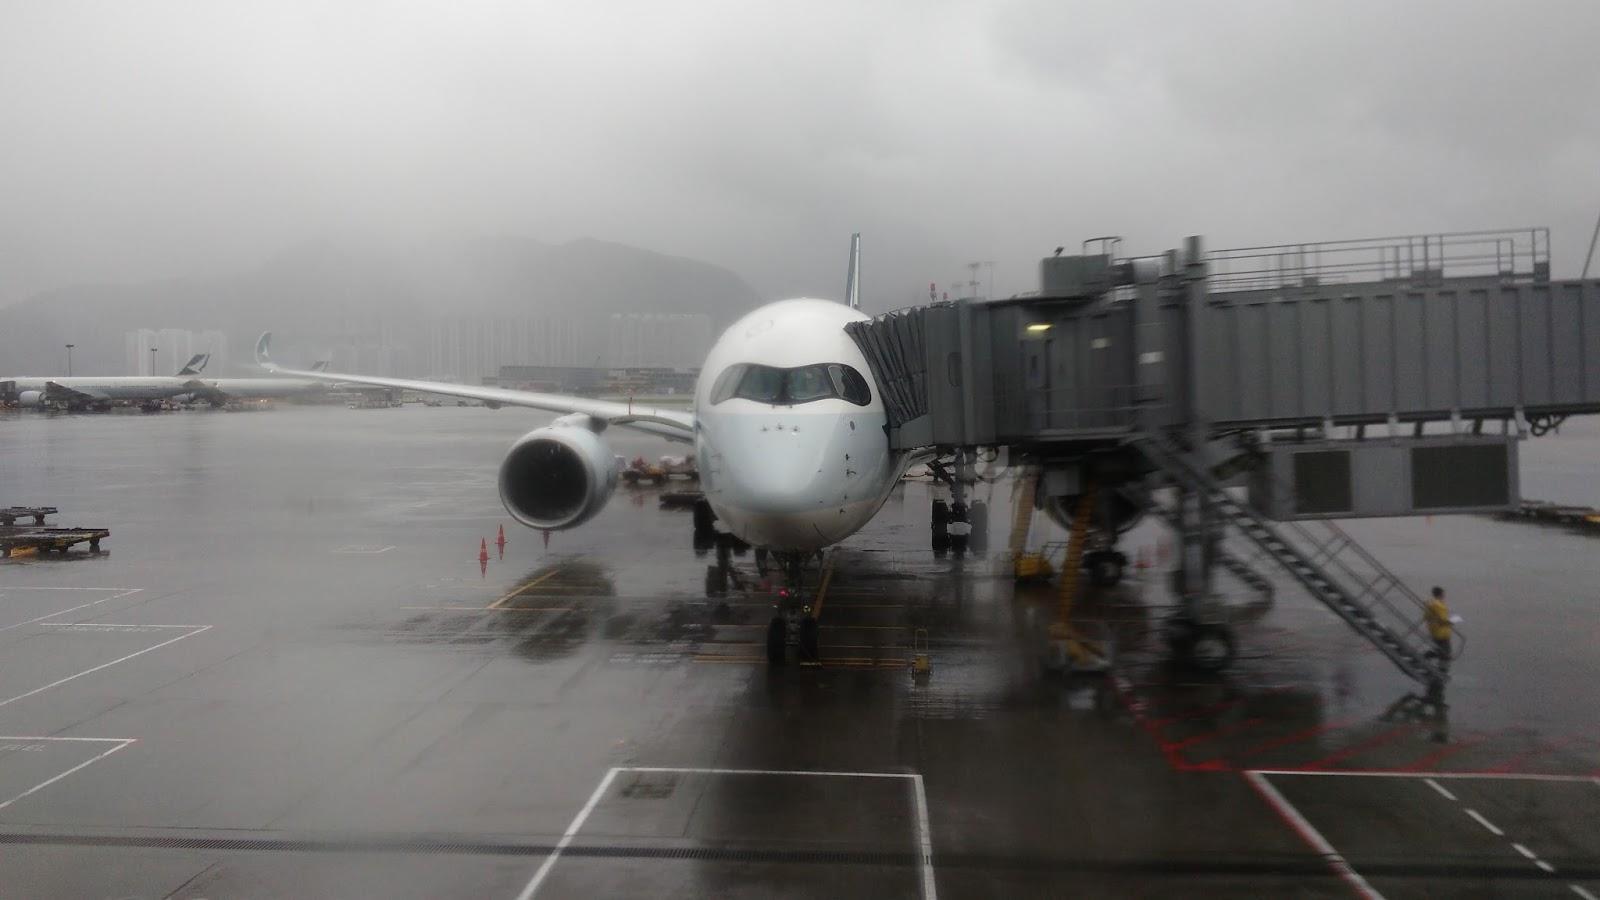 黑老闆說︱香港航空貴賓室落地窗外停機坪上國奉最新的A350客機,天候不佳,一直下大雨。